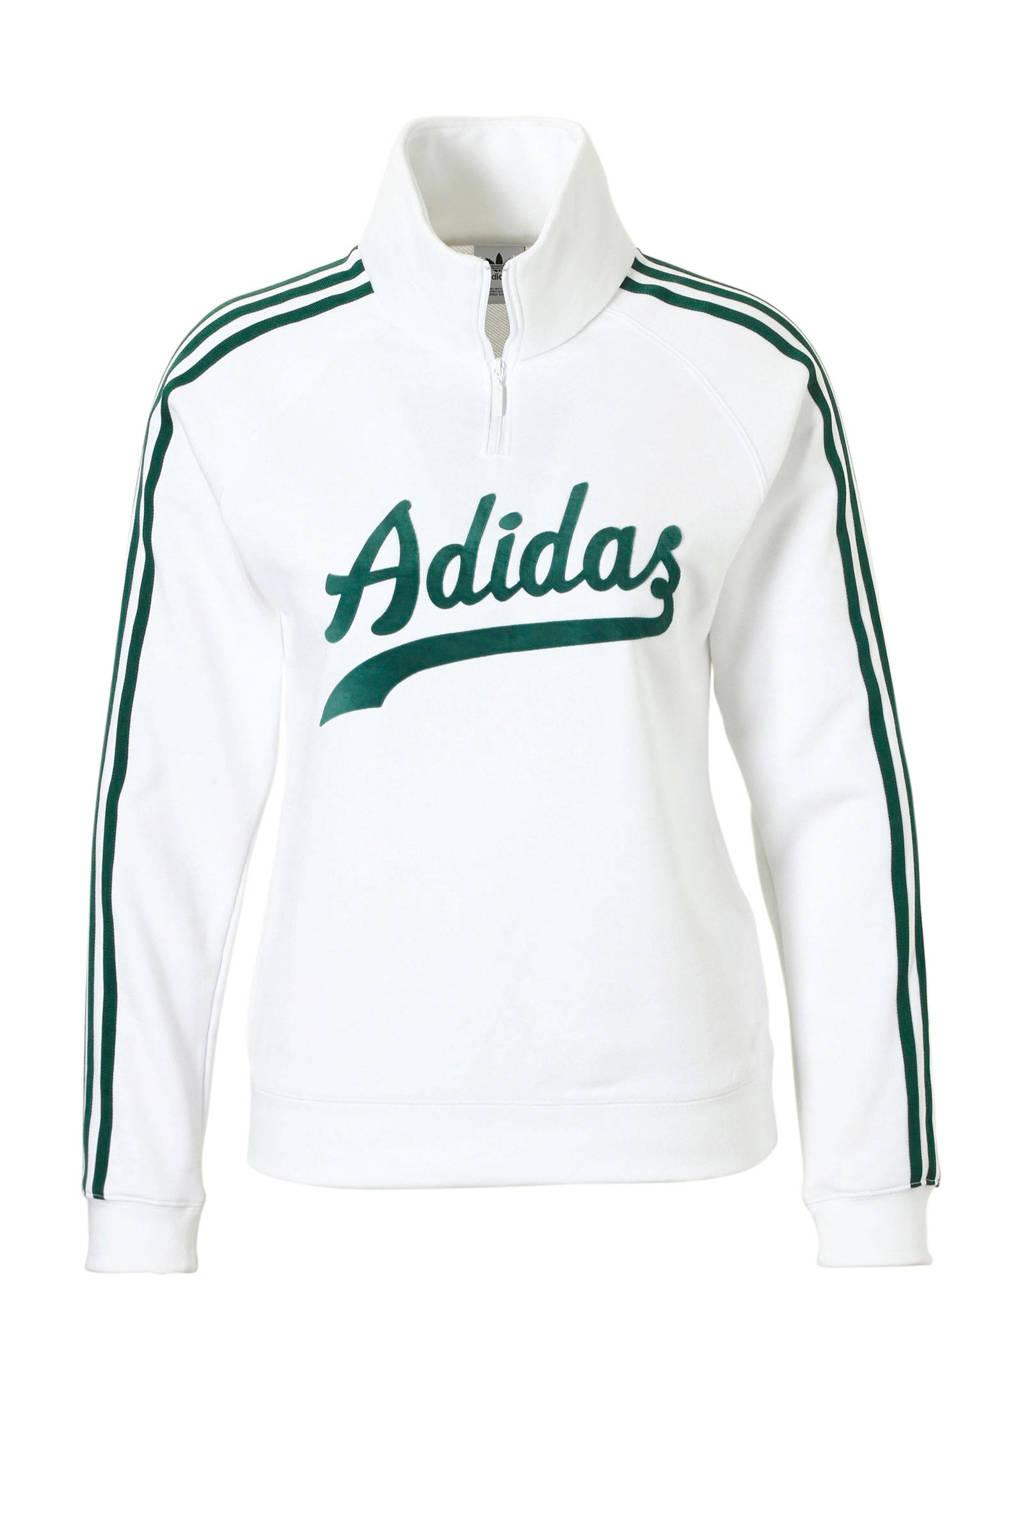 adidas Originals sweater wit/groen, Wit/groen